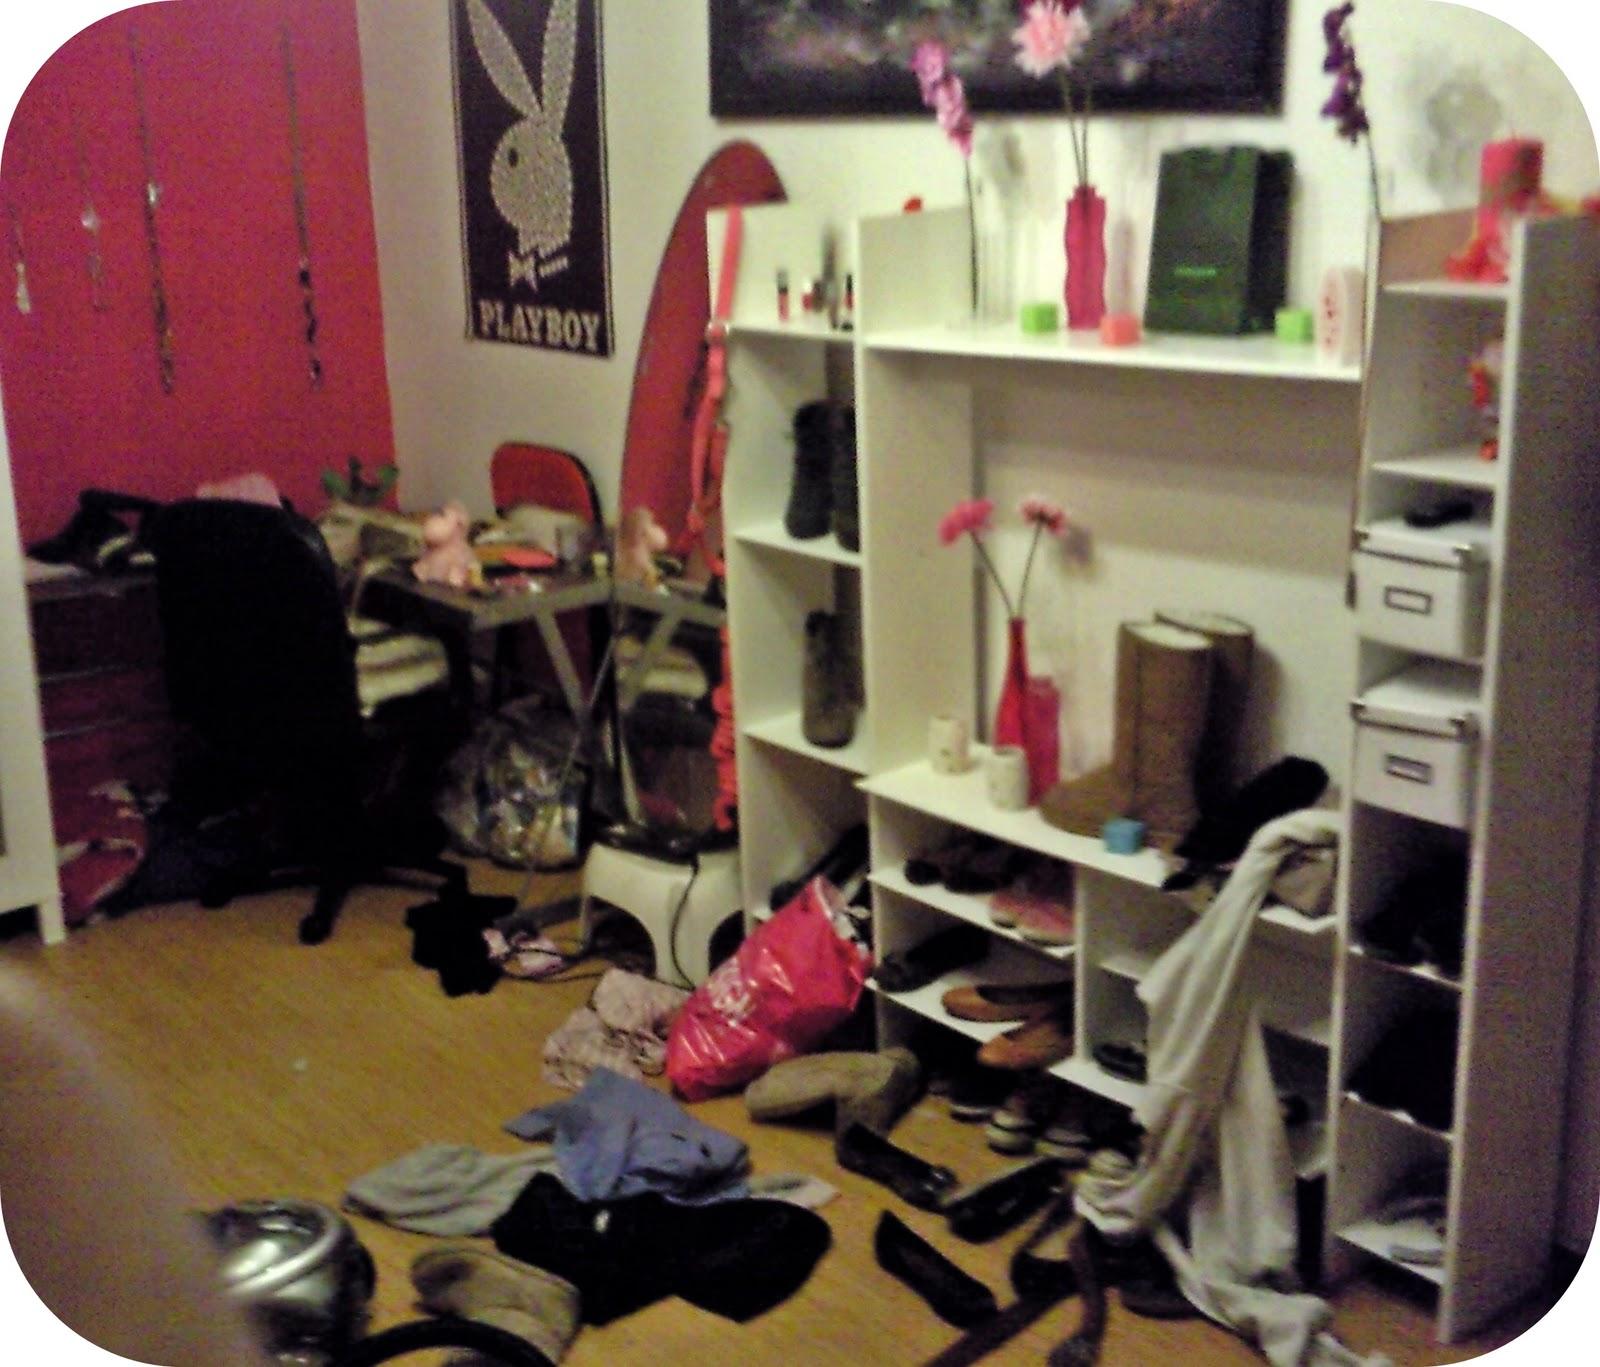 Sveniia: Zimmer aufräumen